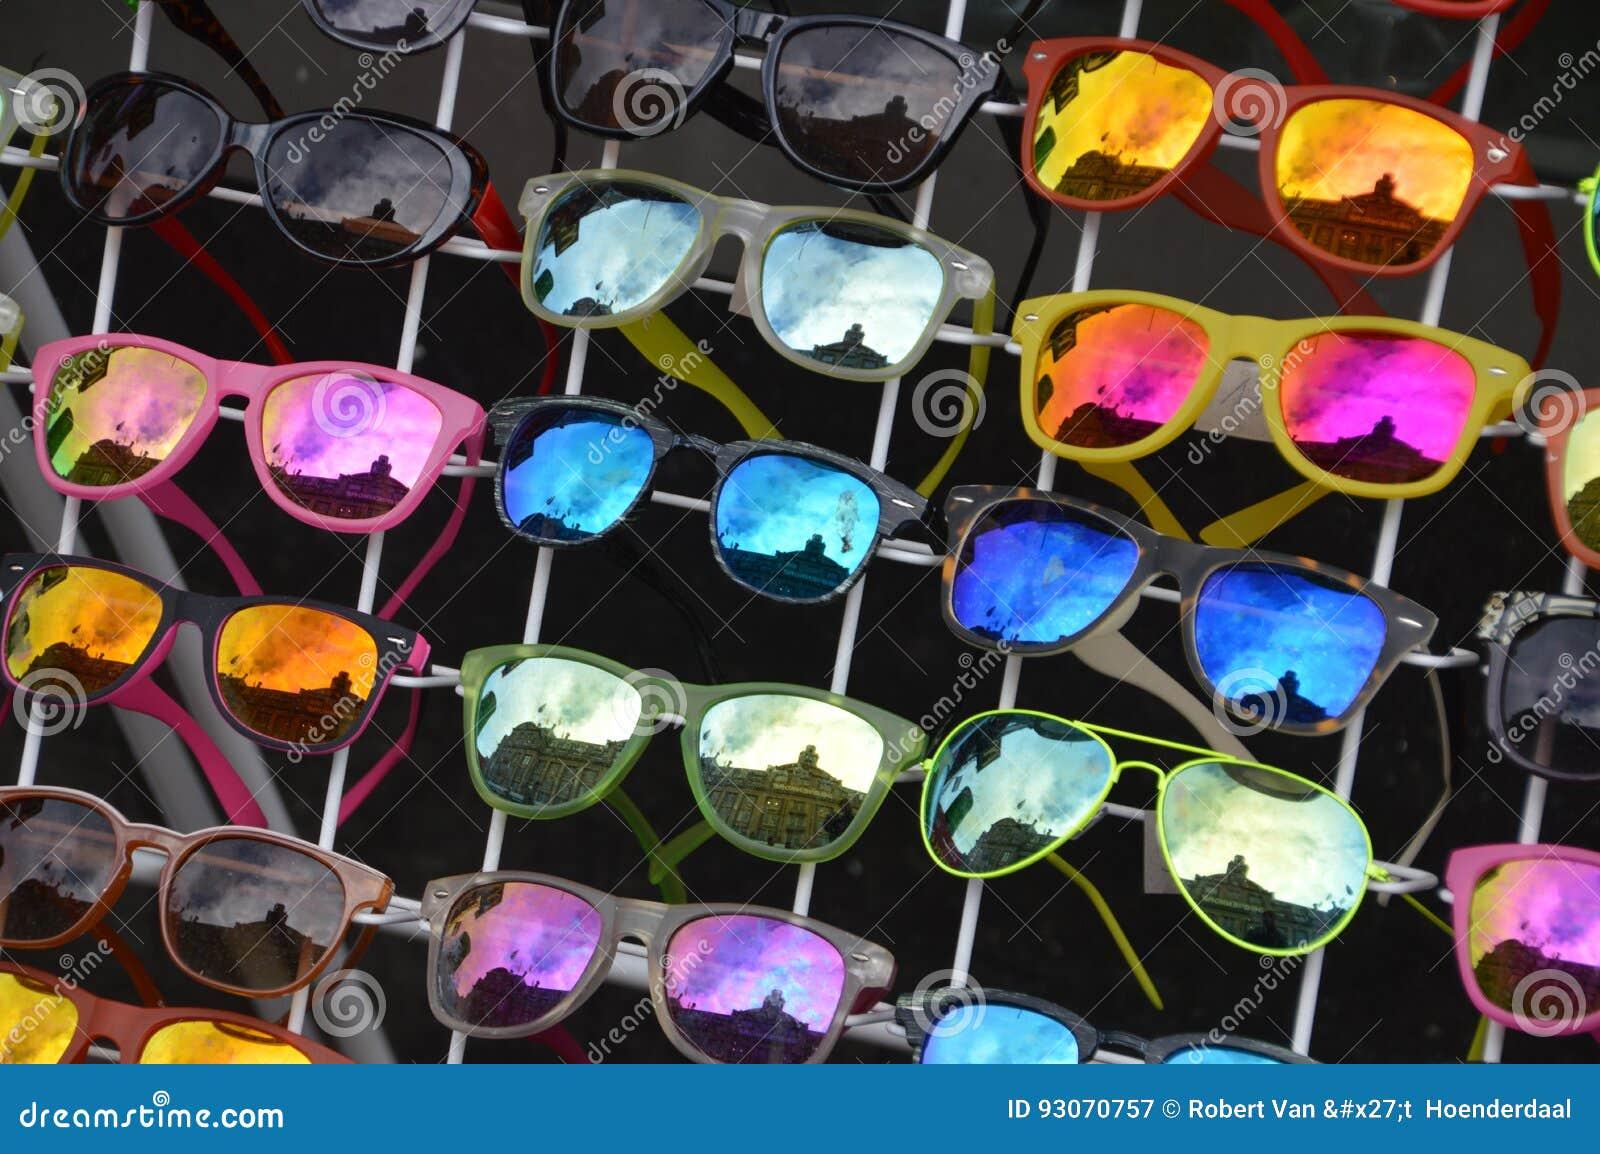 ad3426bfb Vendendo óculos de sol para a venda Com reflexões de uma construção no vidro